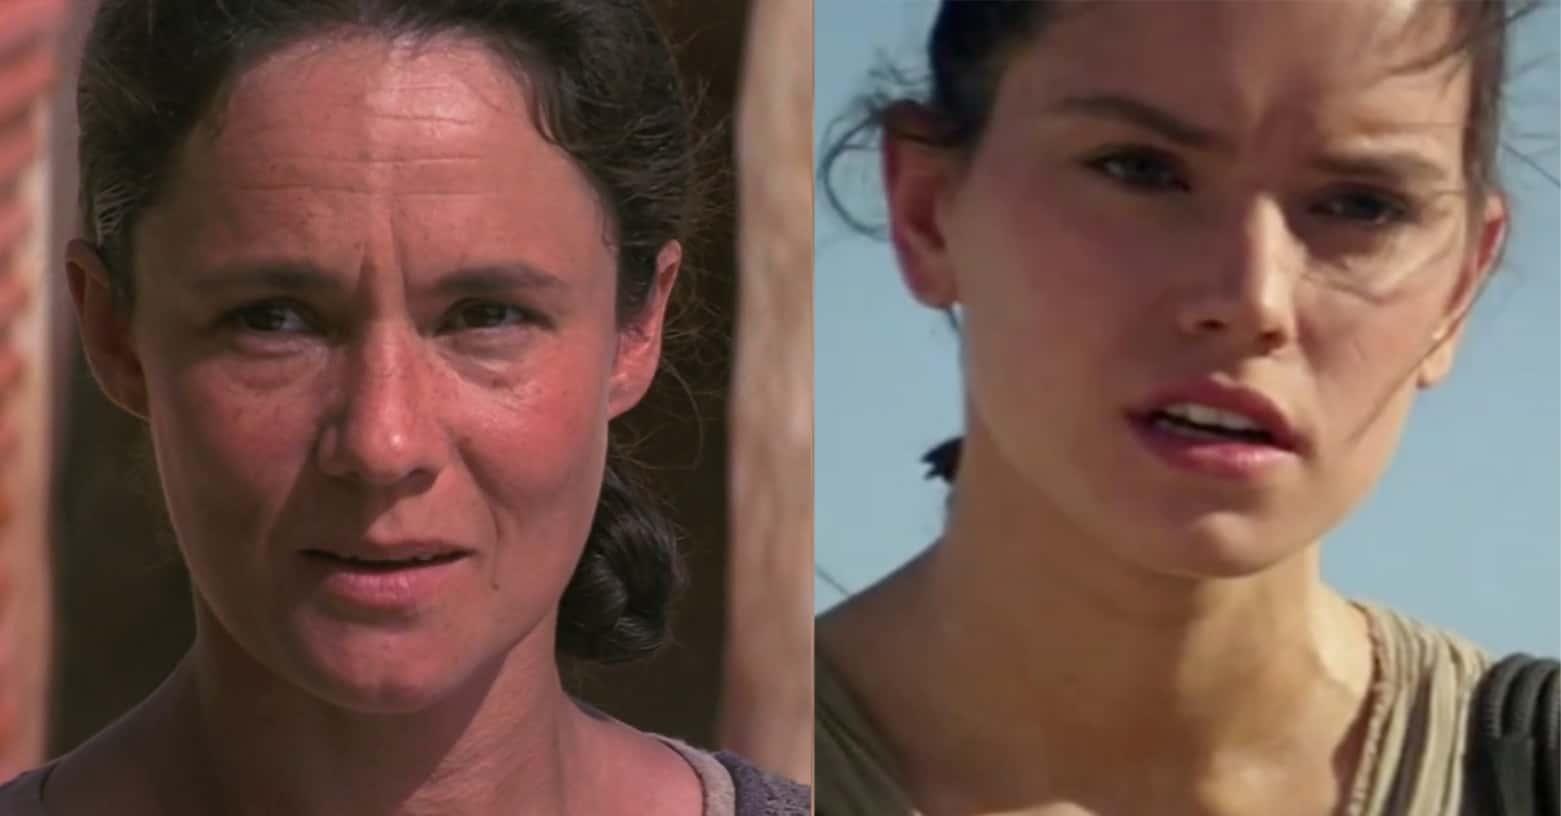 Dois retratos de mulheres semelhantes